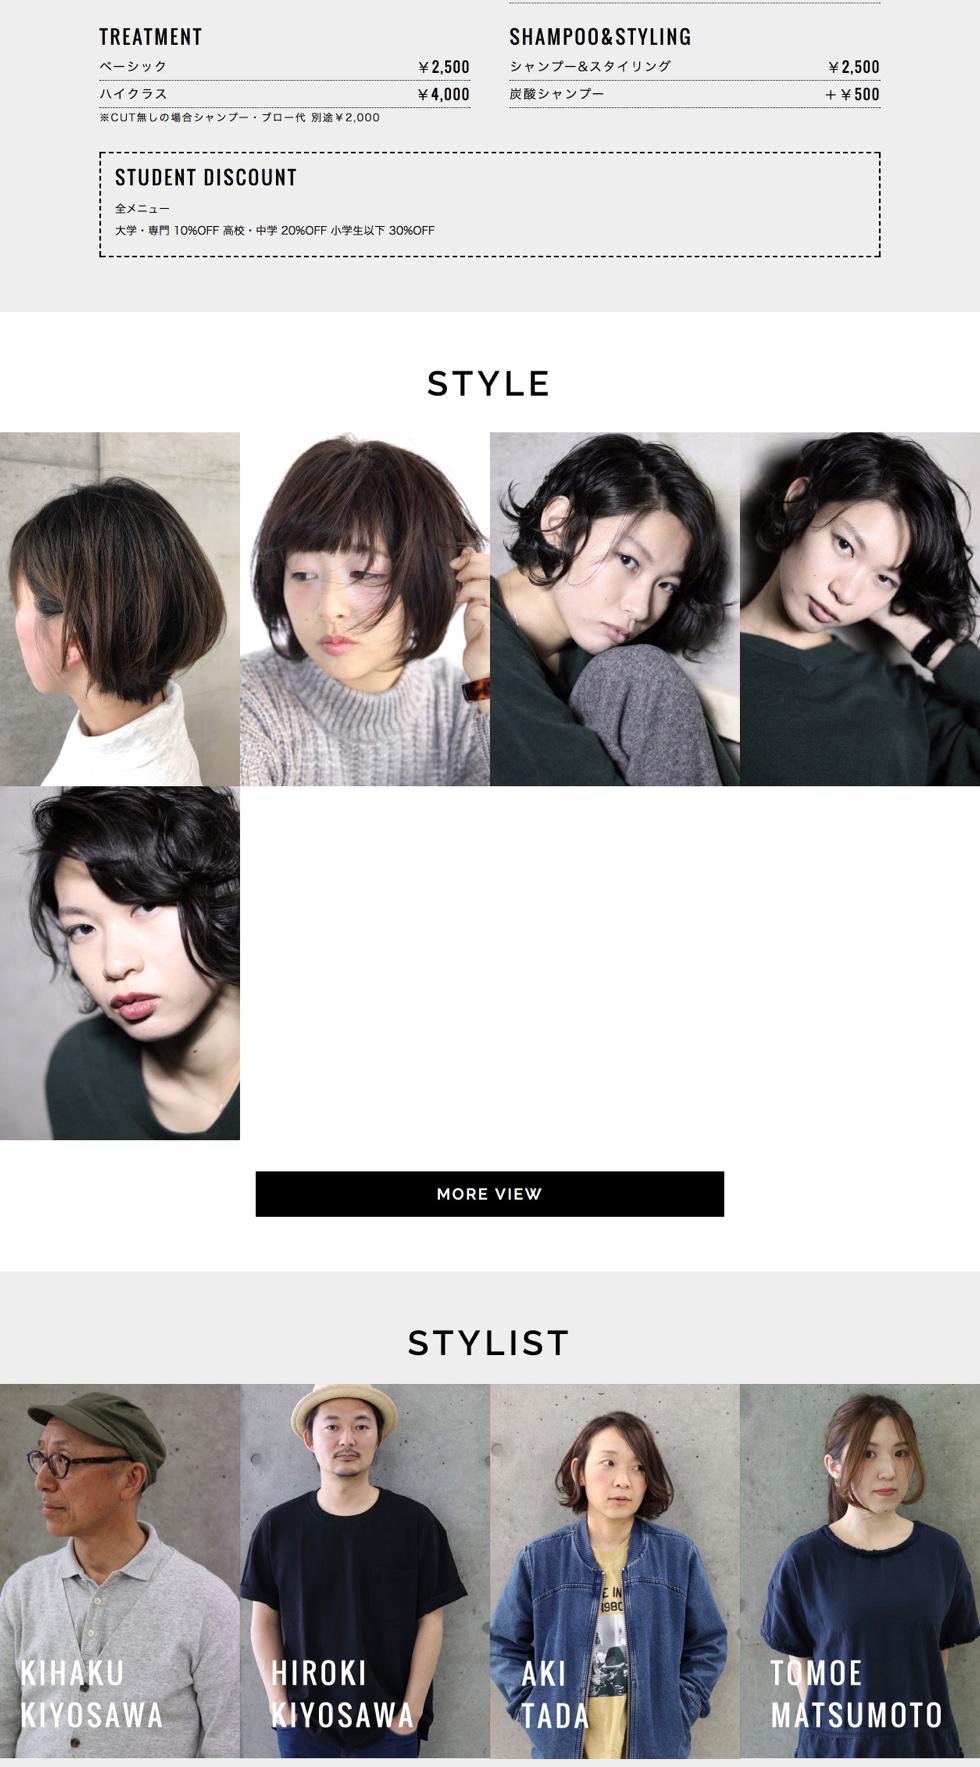 長野県の美容室・ヘアサロンのホームページのスクリーンショット